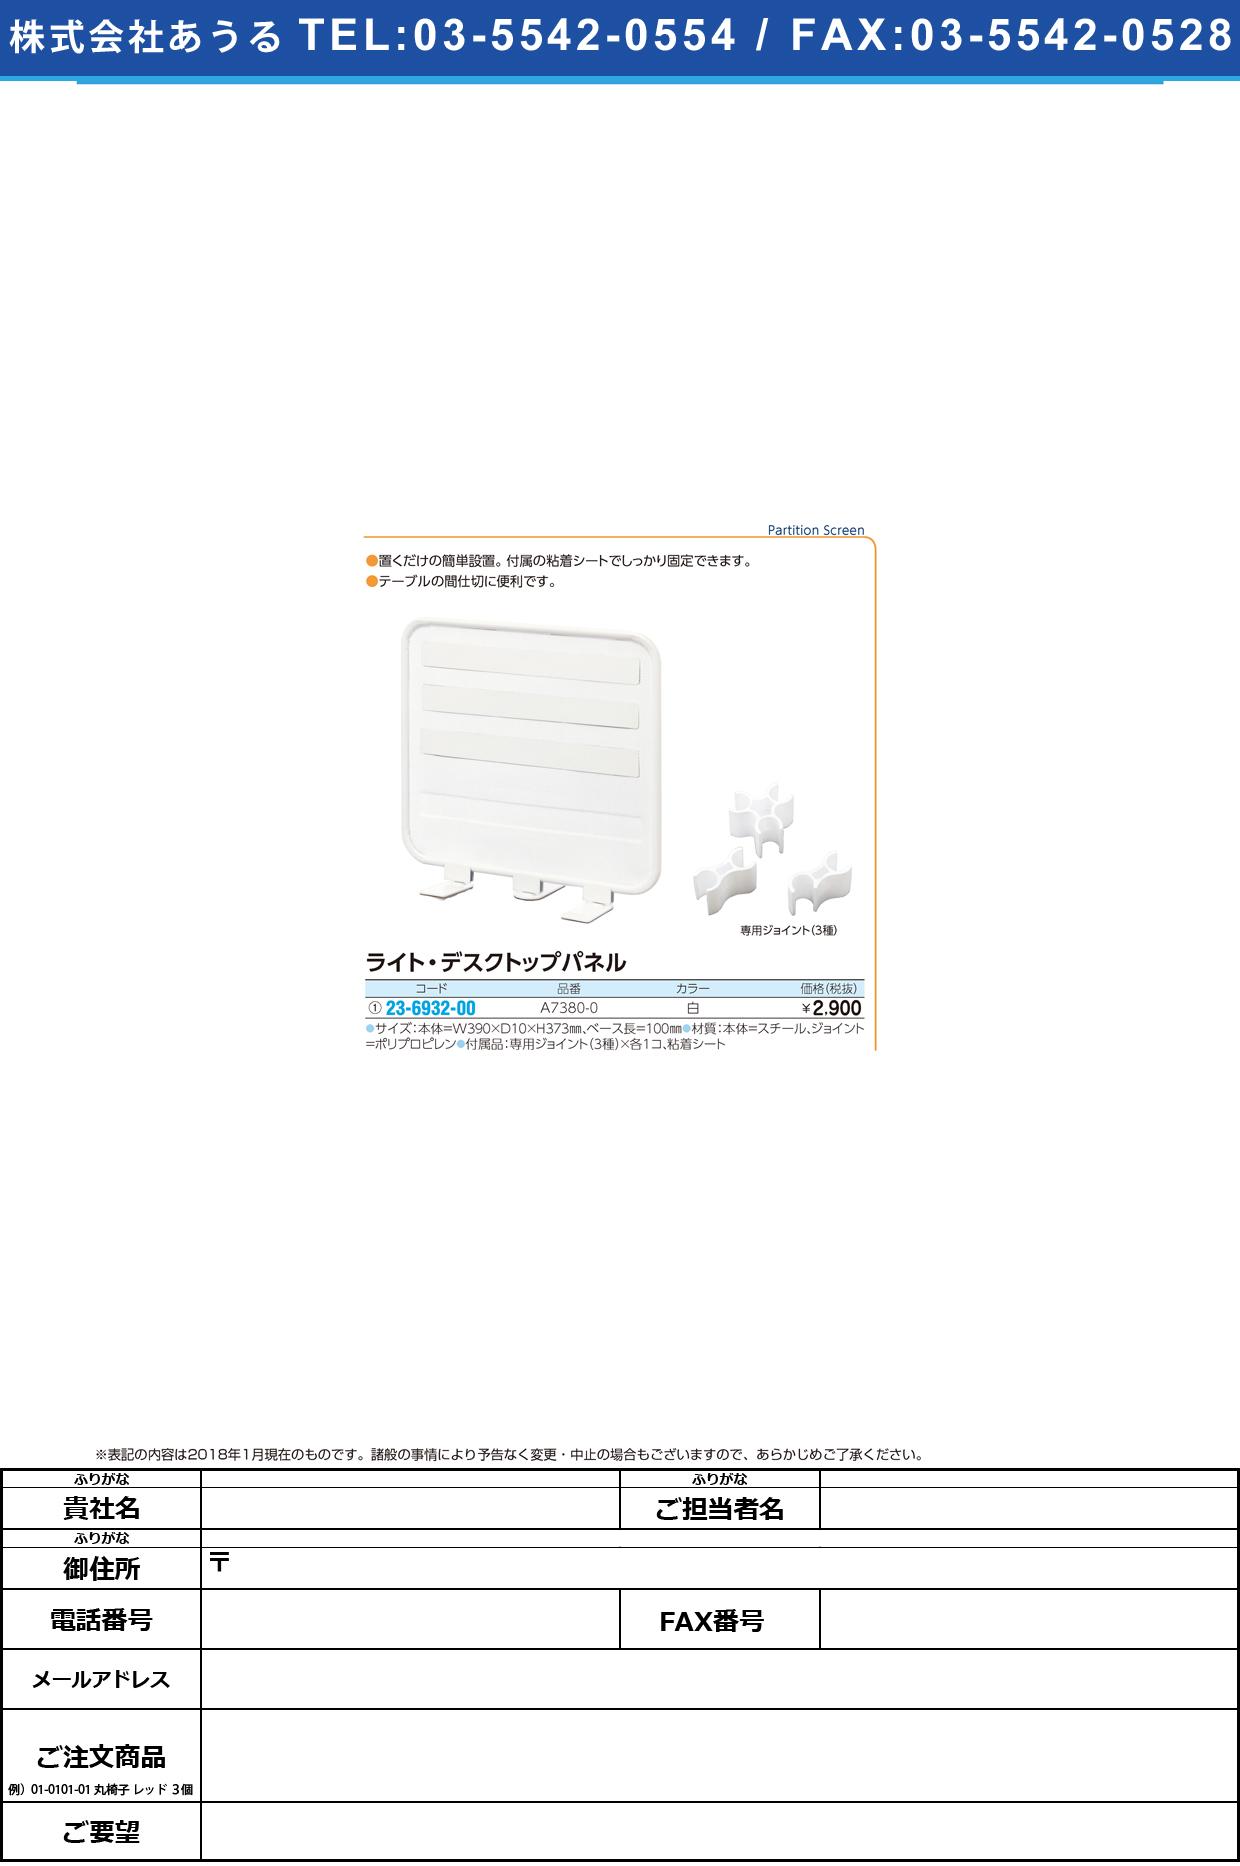 (23-6932-00)ライト・デスクトップパネル A7380-0(シロ) ライトデスクトップパネル(LIHITLAB.)【1個単位】【2018年カタログ商品】